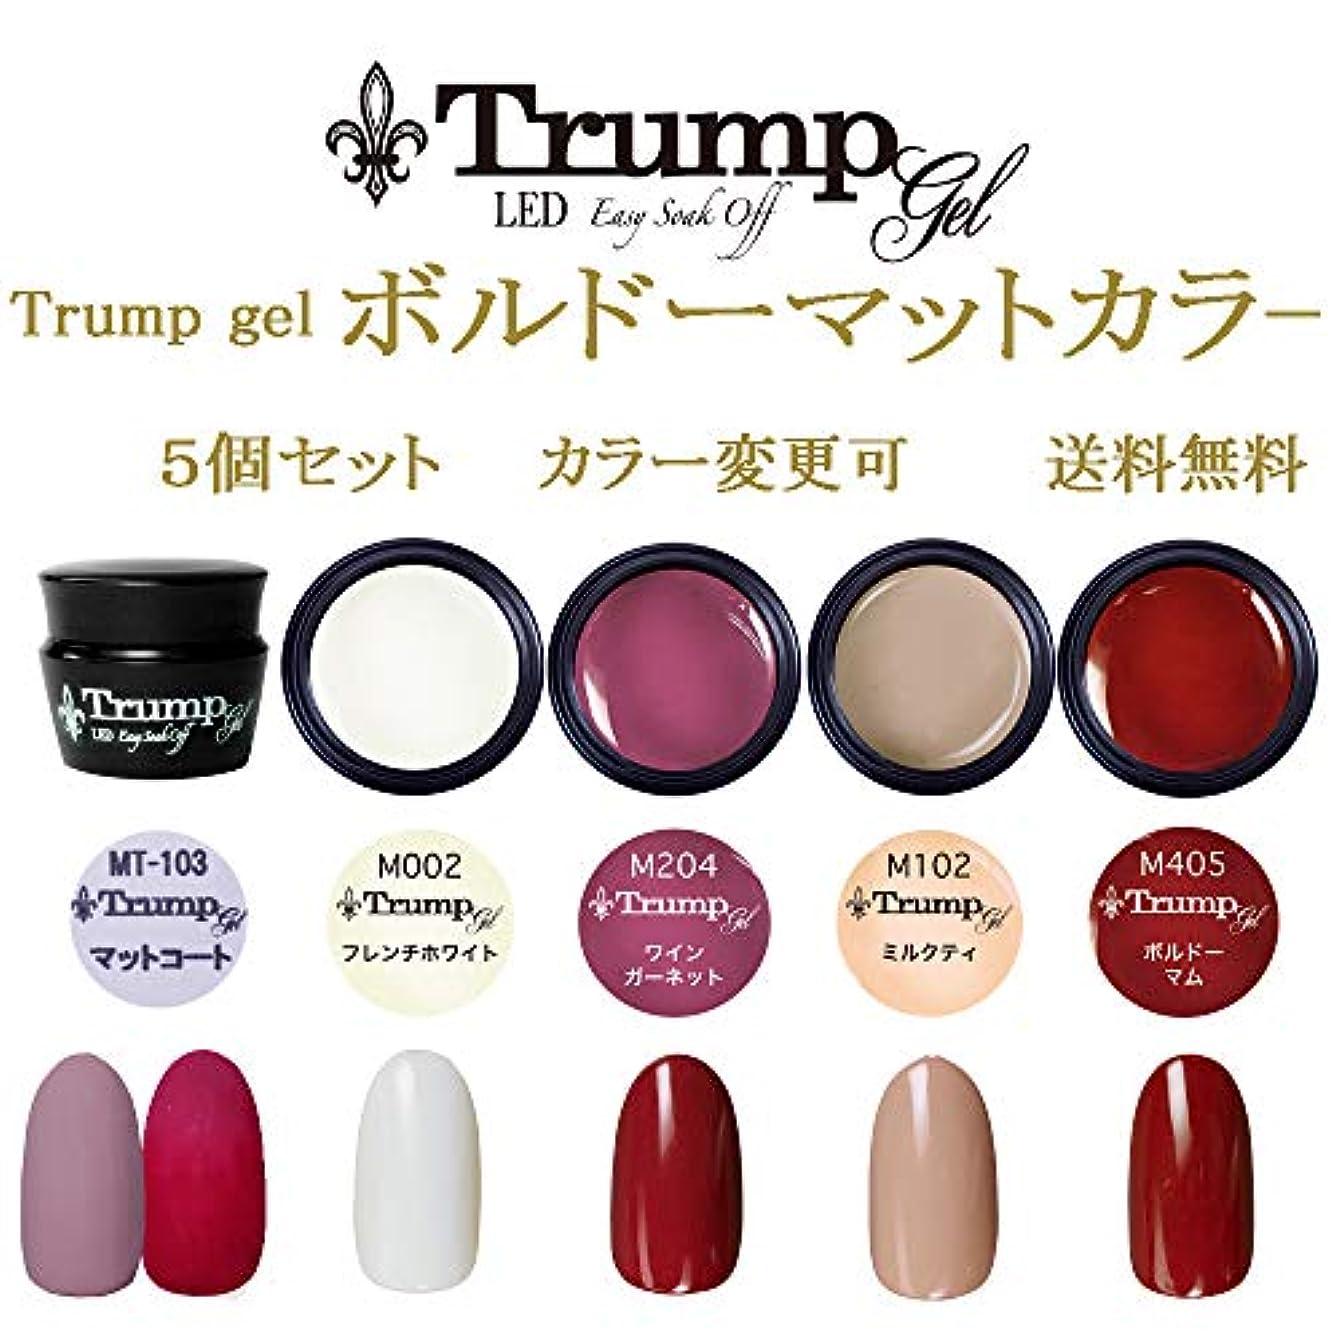 そう即席恨み日本製 Trump gel トランプジェル ボルドー マット カラー 選べる カラージェル 5個セット マットコート ホワイト ワイン レッド ベージュ